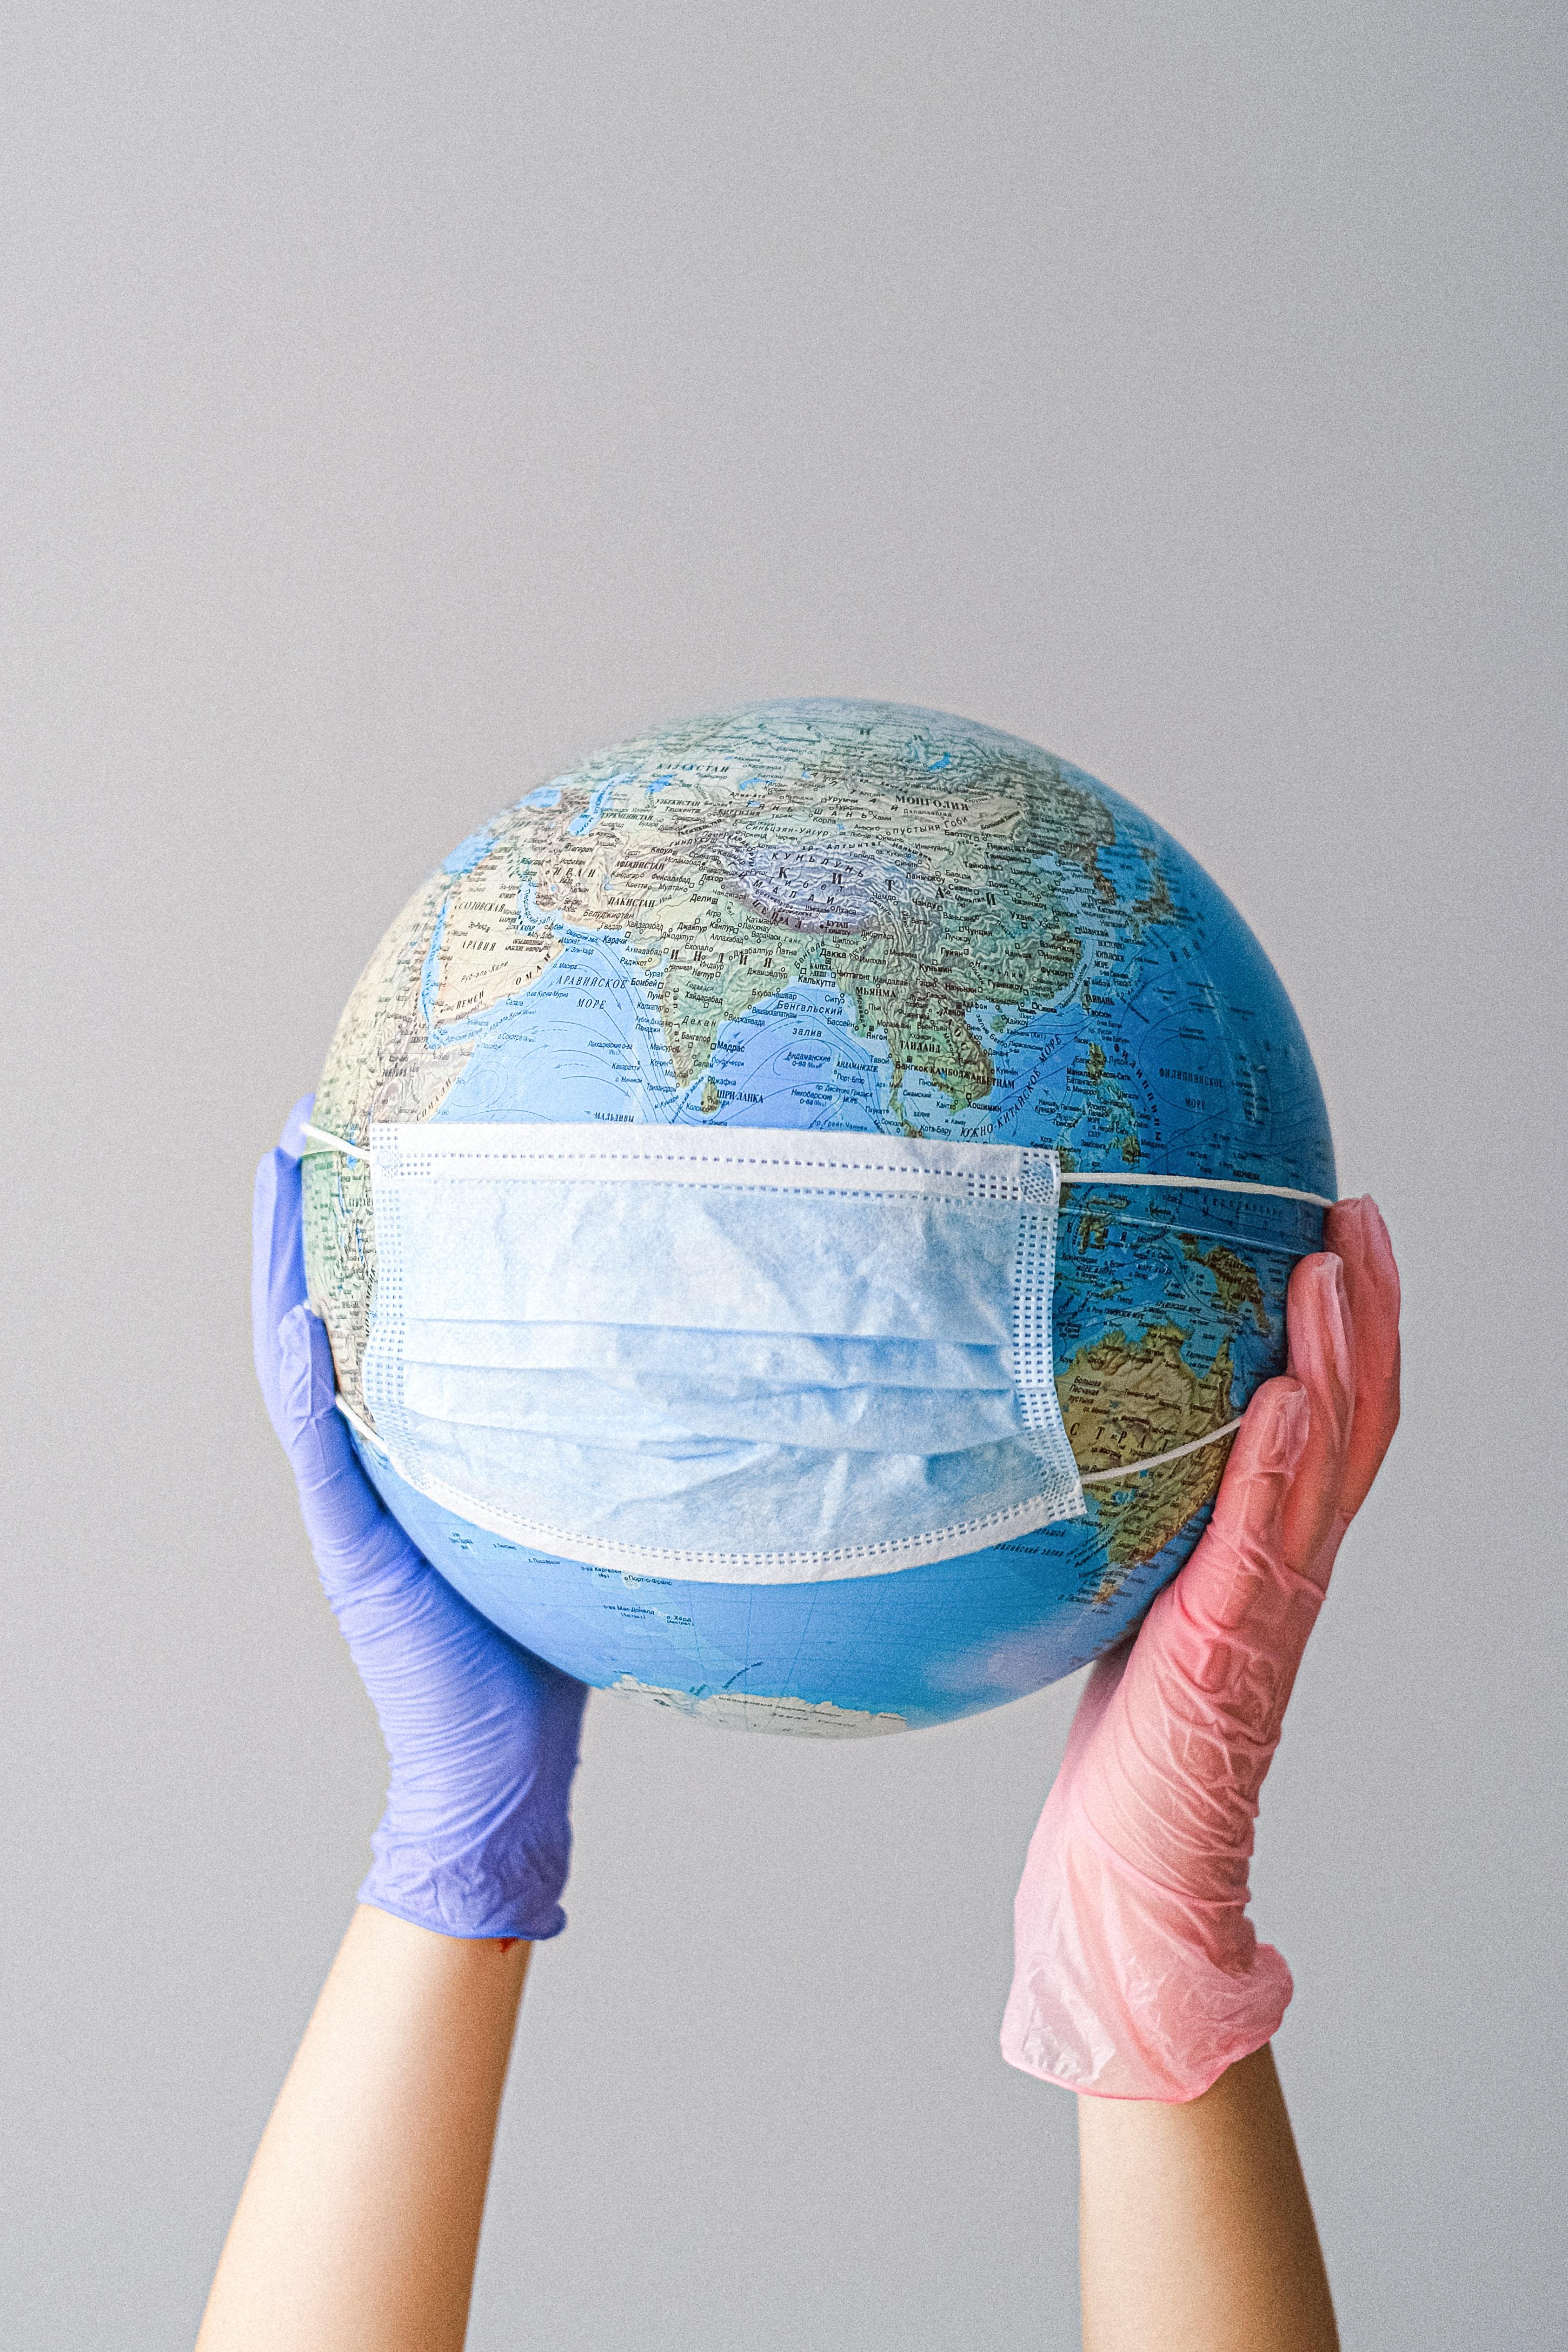 La première production mondiale de gants chirurgicaux frappée par le virus